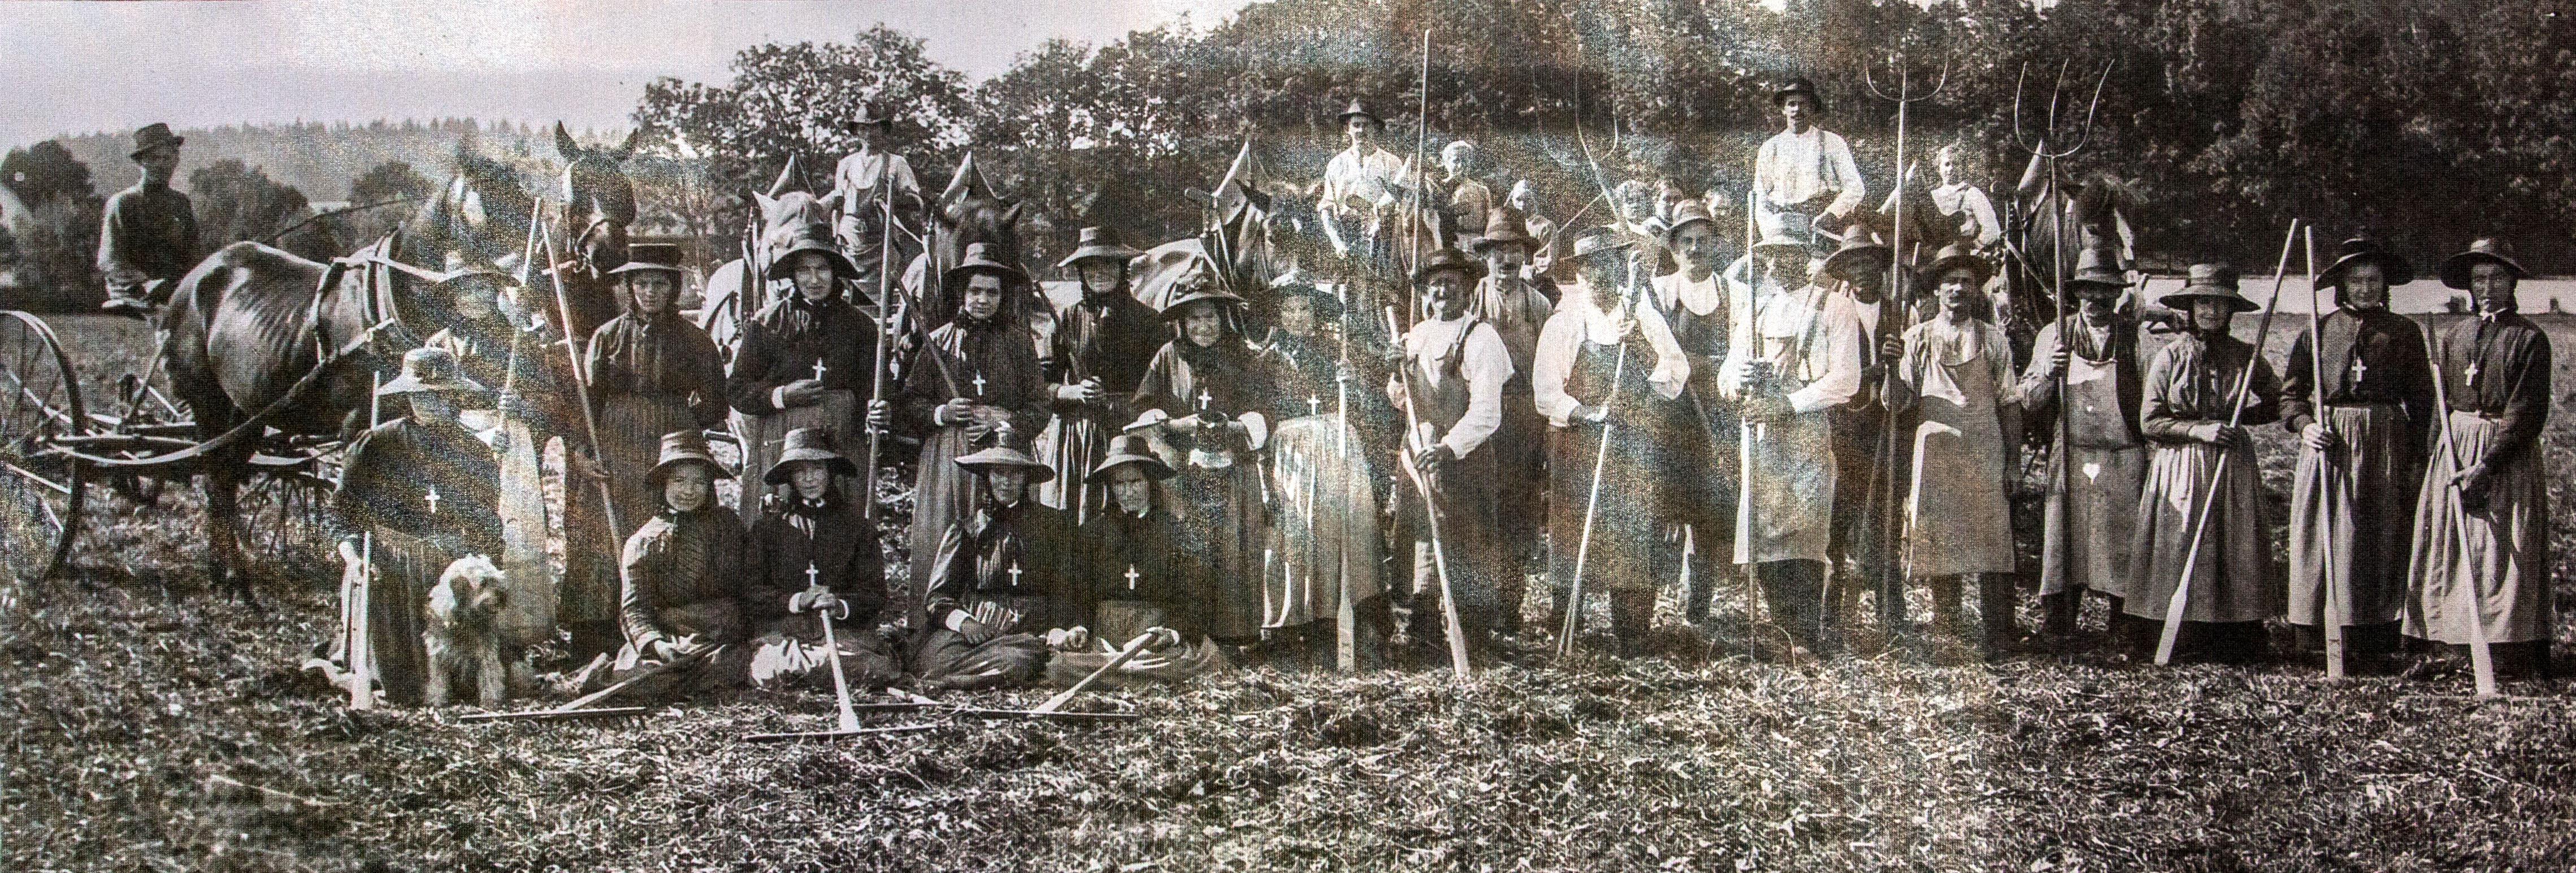 kloster-beuerberg-feldarbeit-salesianerinnen-eurasburg-wolfratshausen-bayern Die Klosterschwestern von Beuerberg bei der Feldarbeit im 19. Jahrhundert.